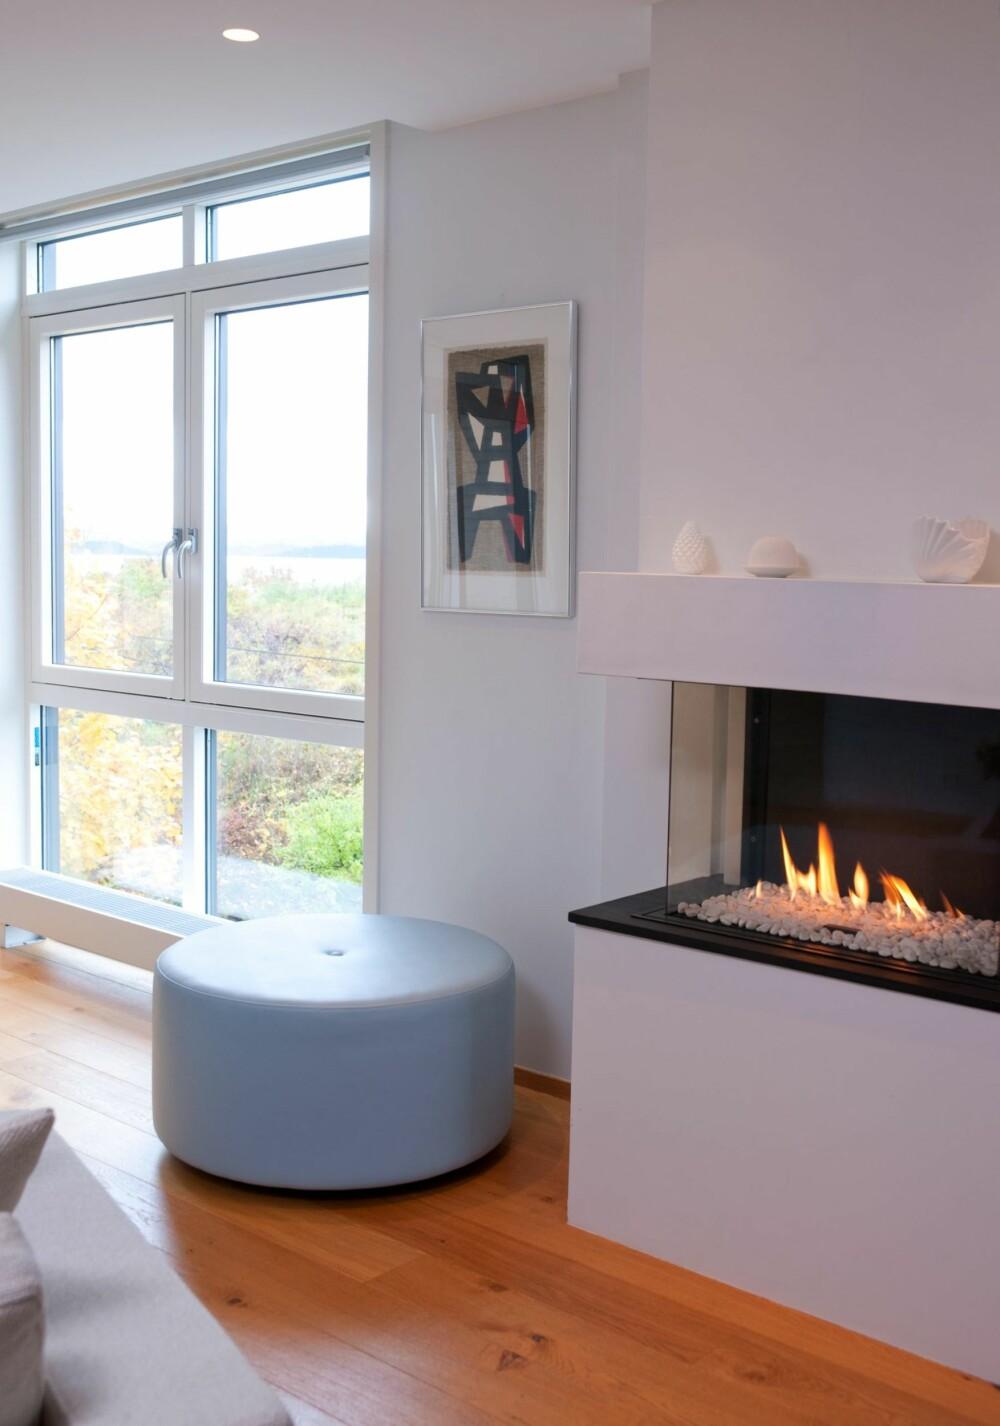 LYSEBLÅ TRÅD: Den lyseblå fargen representerer himmel og hav, og går igjen flere steder i boligen, blant annet på puffen som interiørarkitekten har designet.